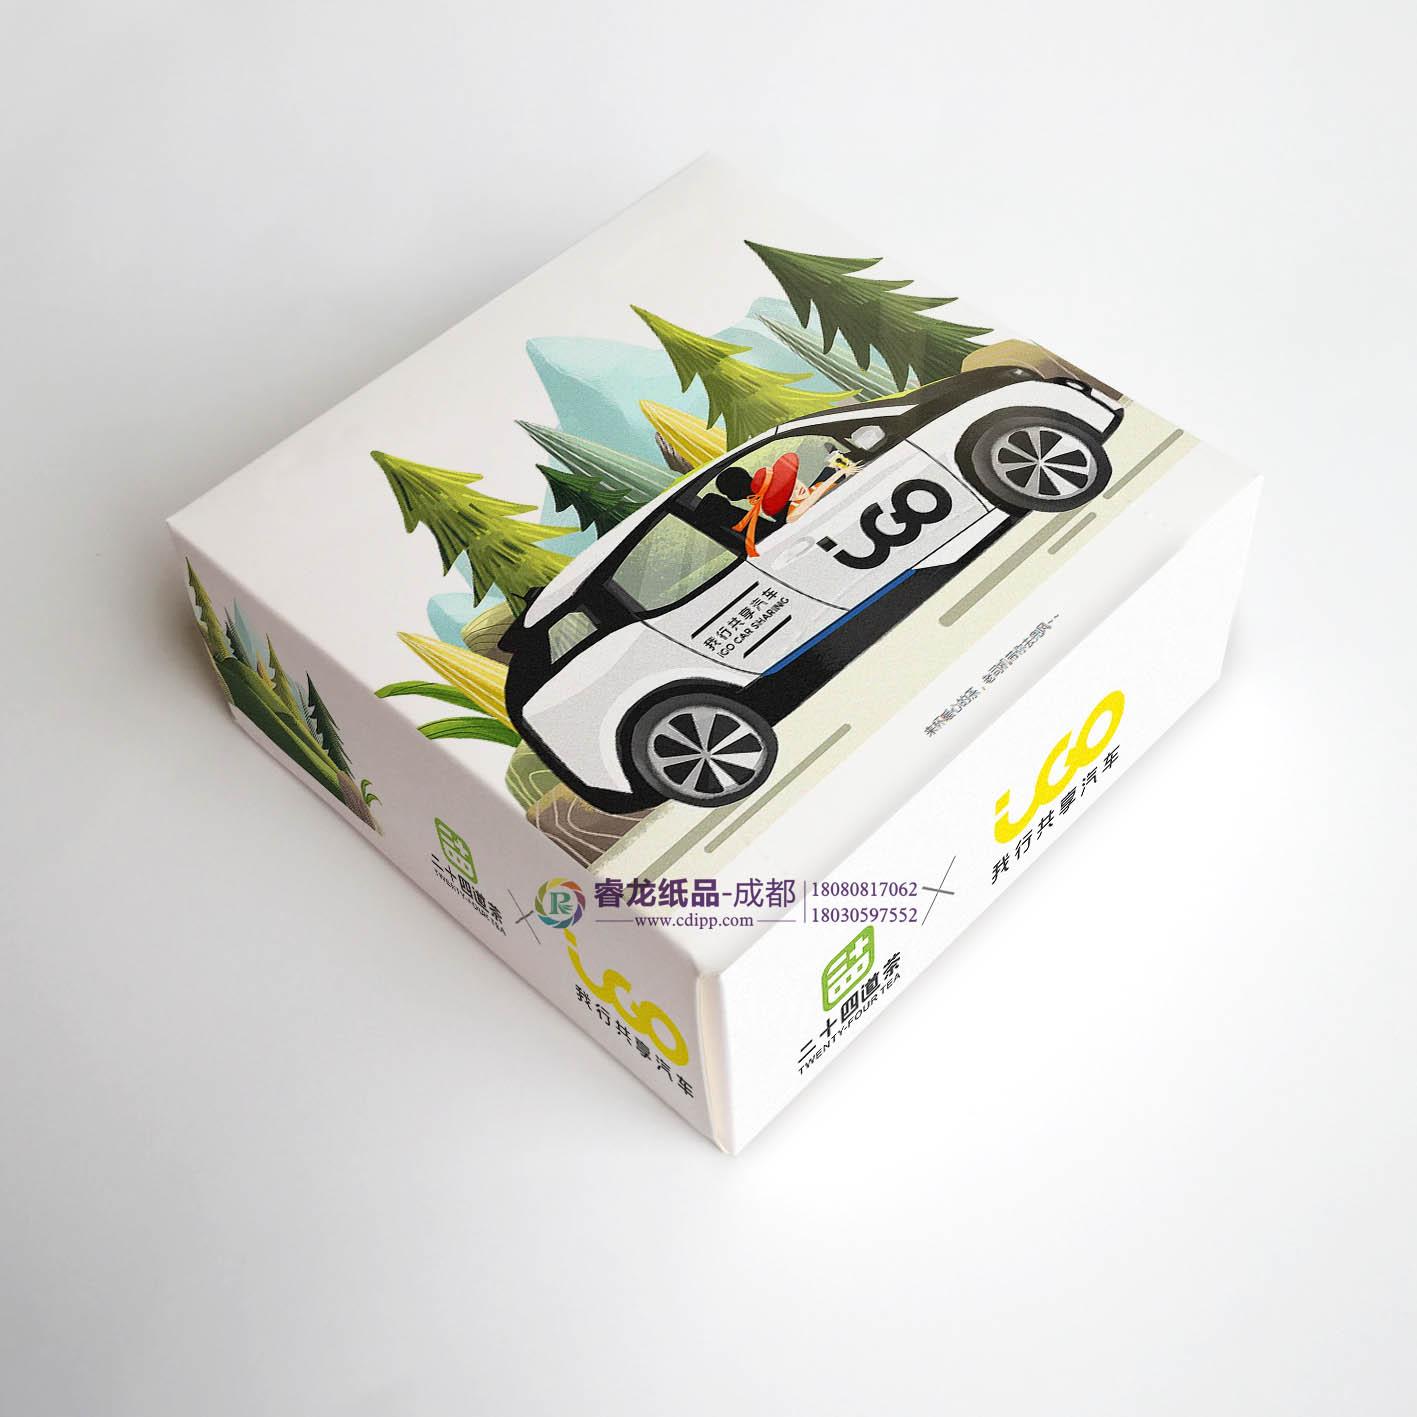 中海油加油站促销礼品抽纸巾定制✔加油站抽纸巾促销礼品定做